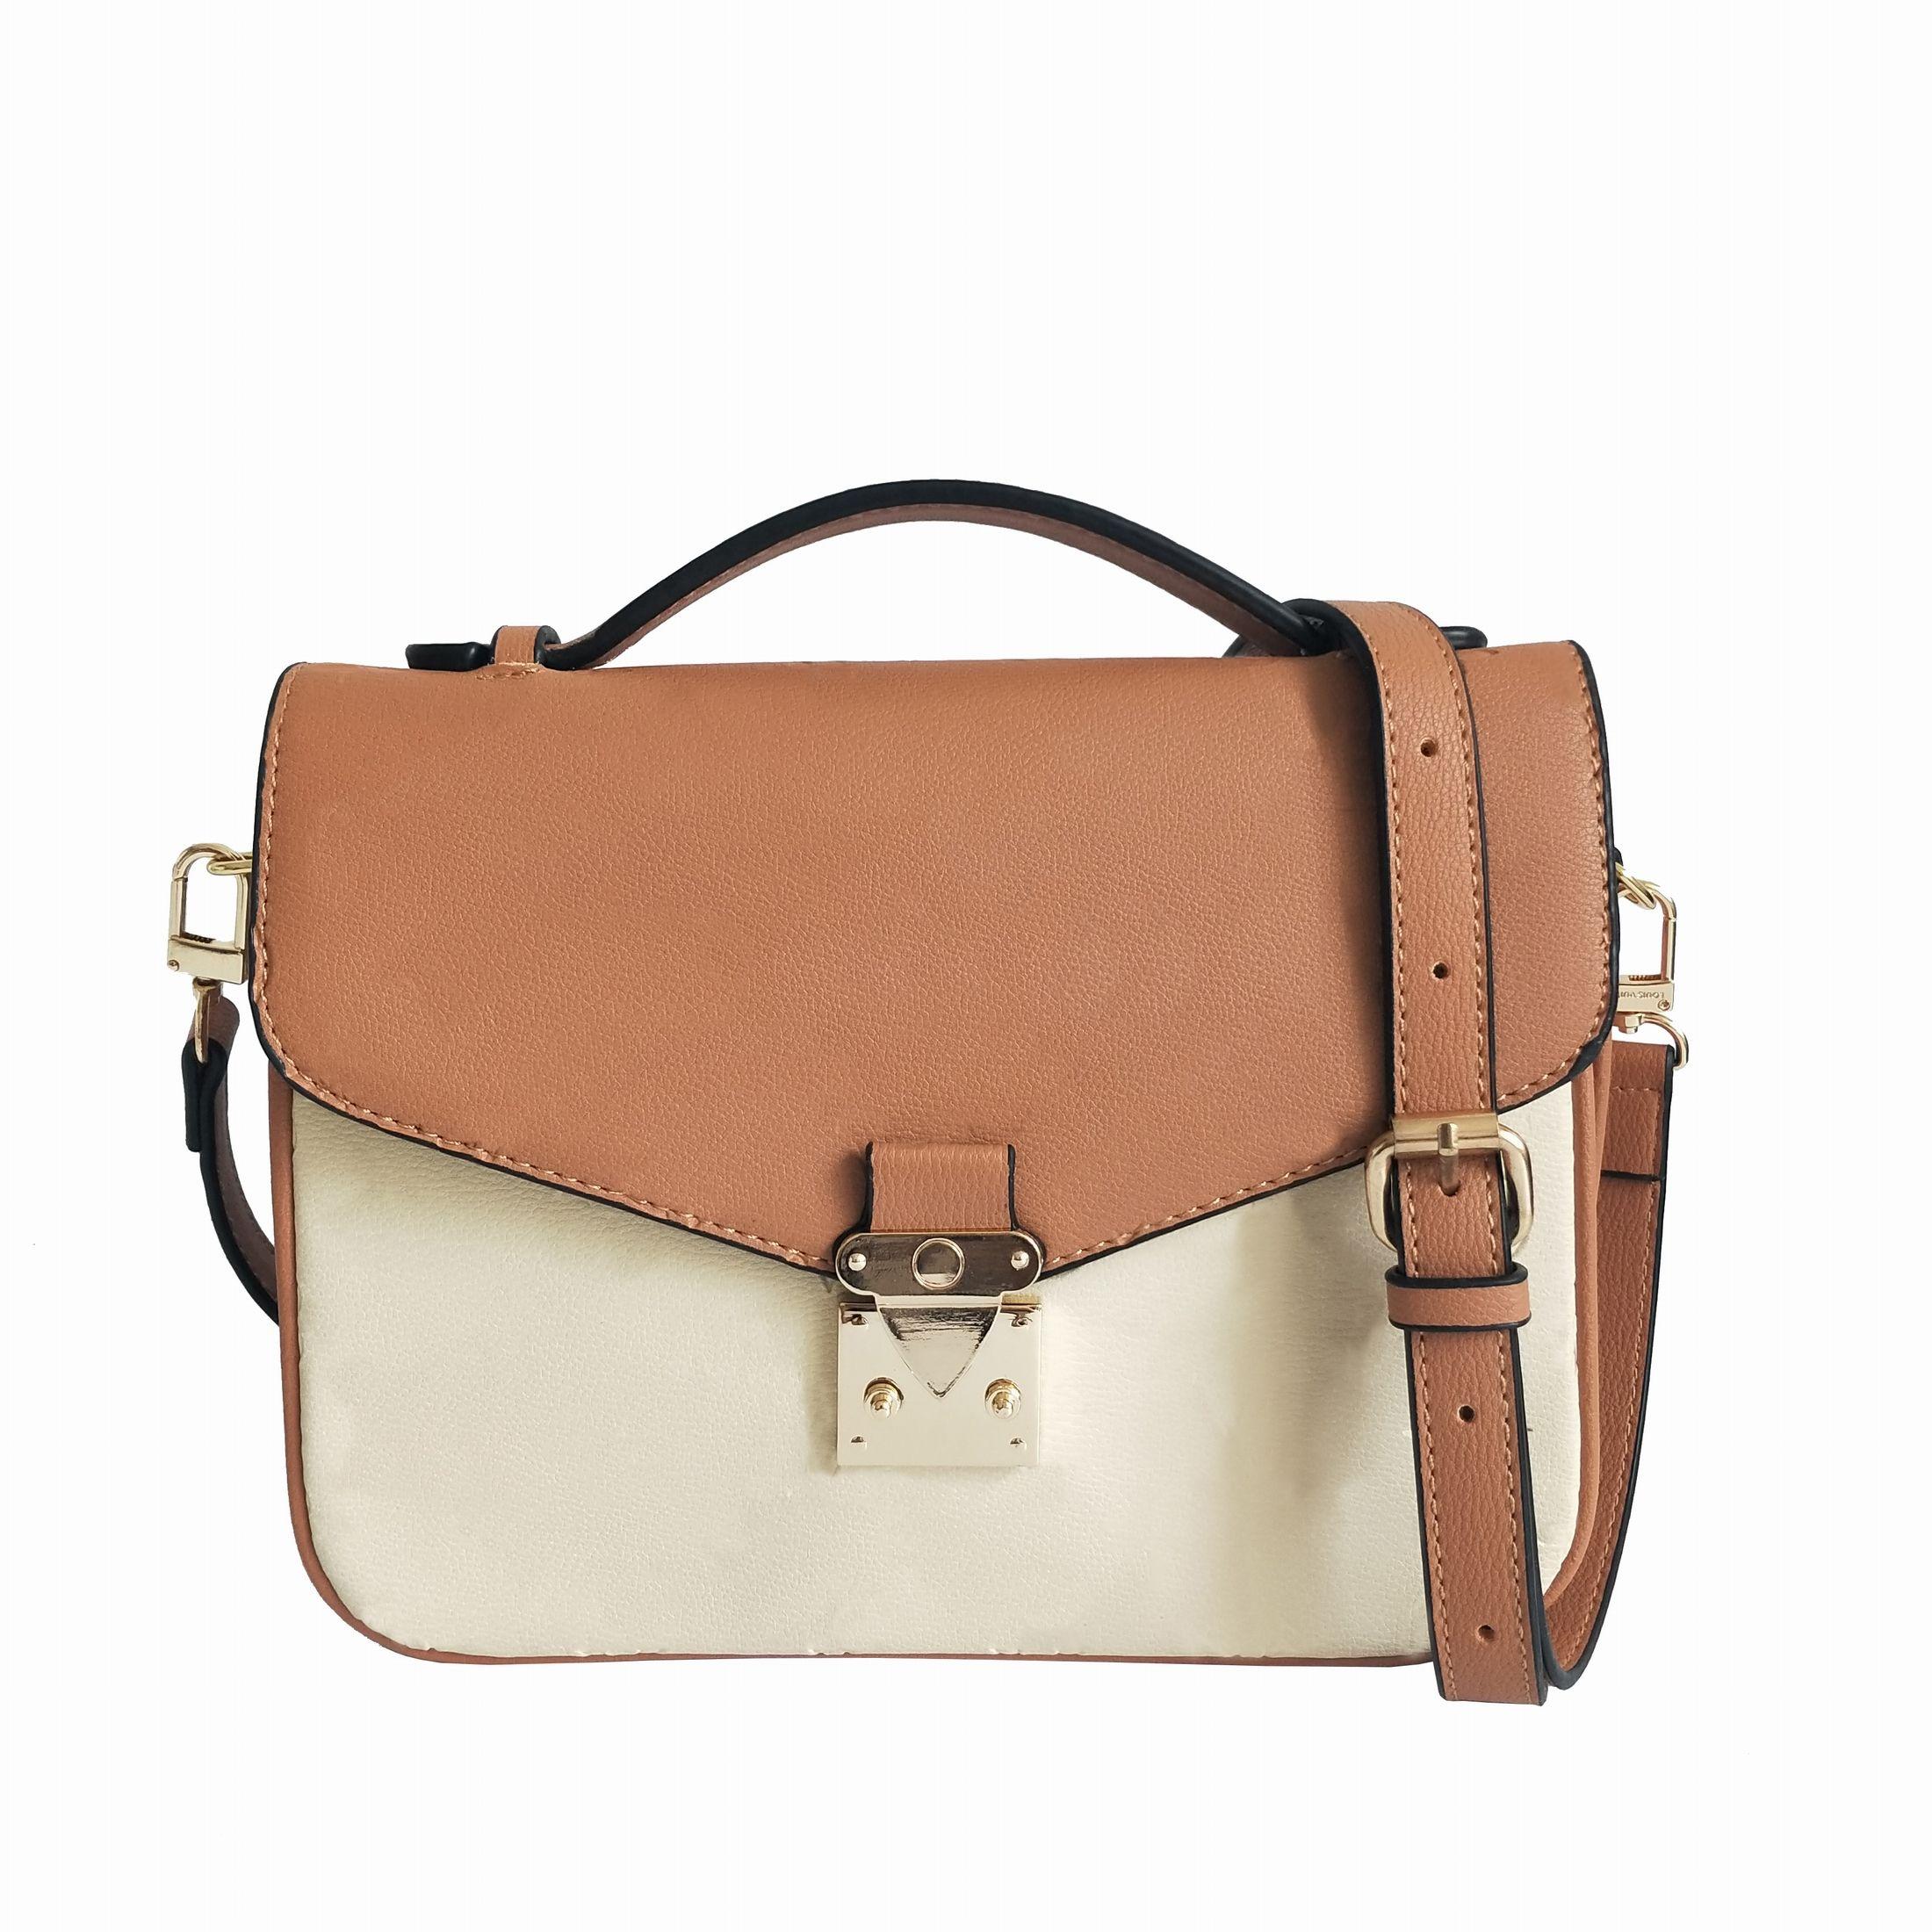 Entrega rápida moda bolsas bolsas clássicas crossbody mulheres bolsas de ombro bolsas senhoras mensageiro sacos de paris impressão antiga flor de flor han